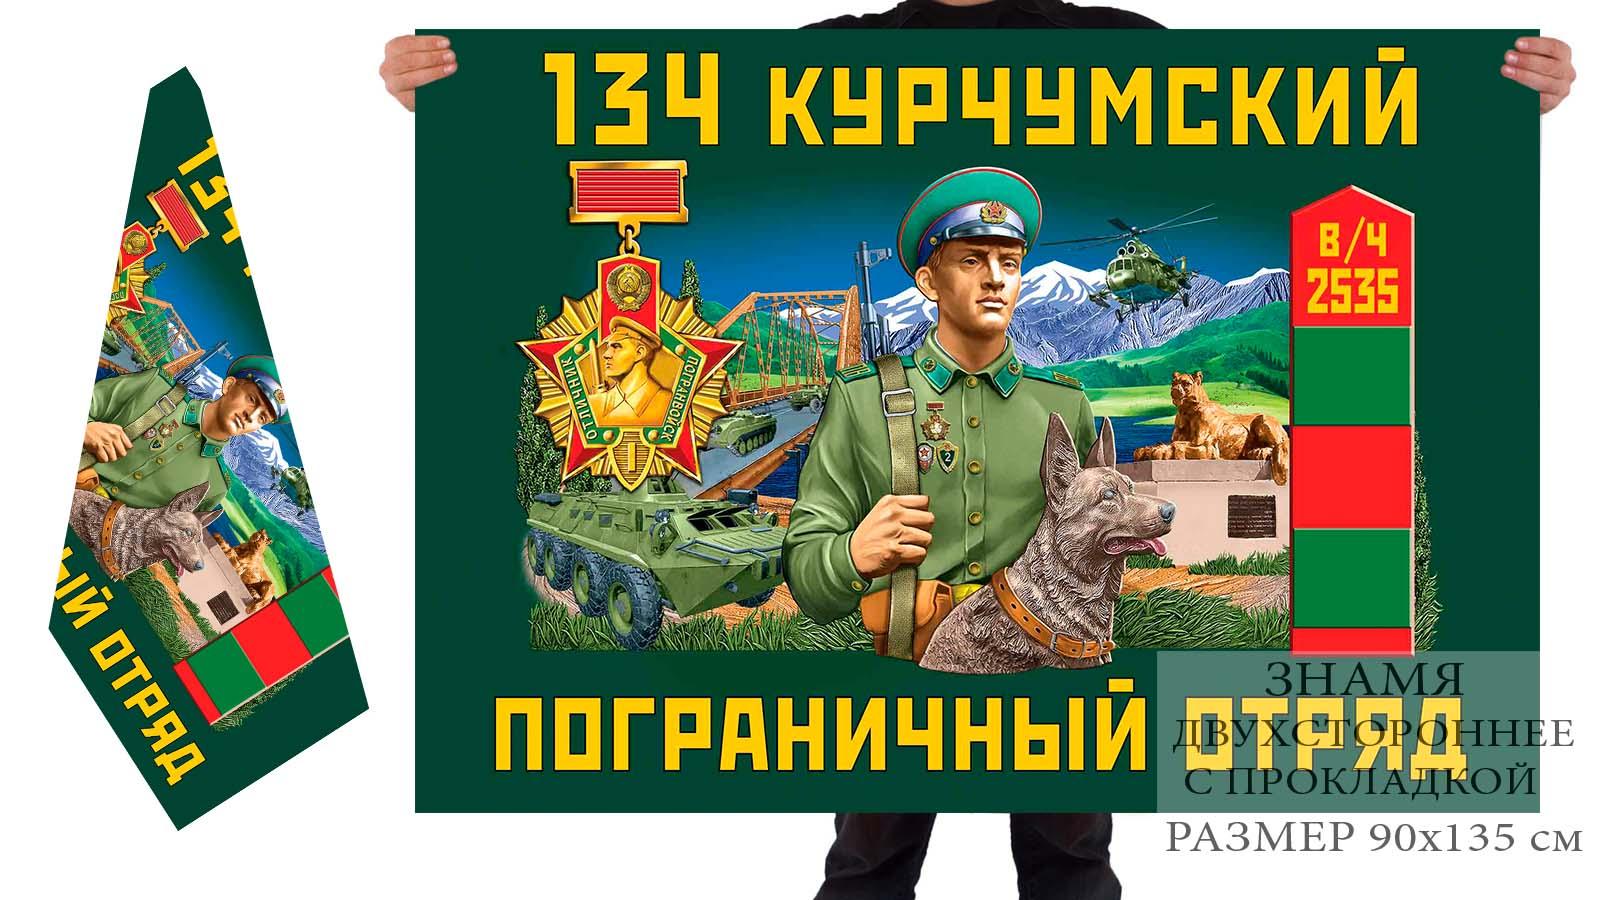 Двусторонний флаг 134 Курчумского погранотряда